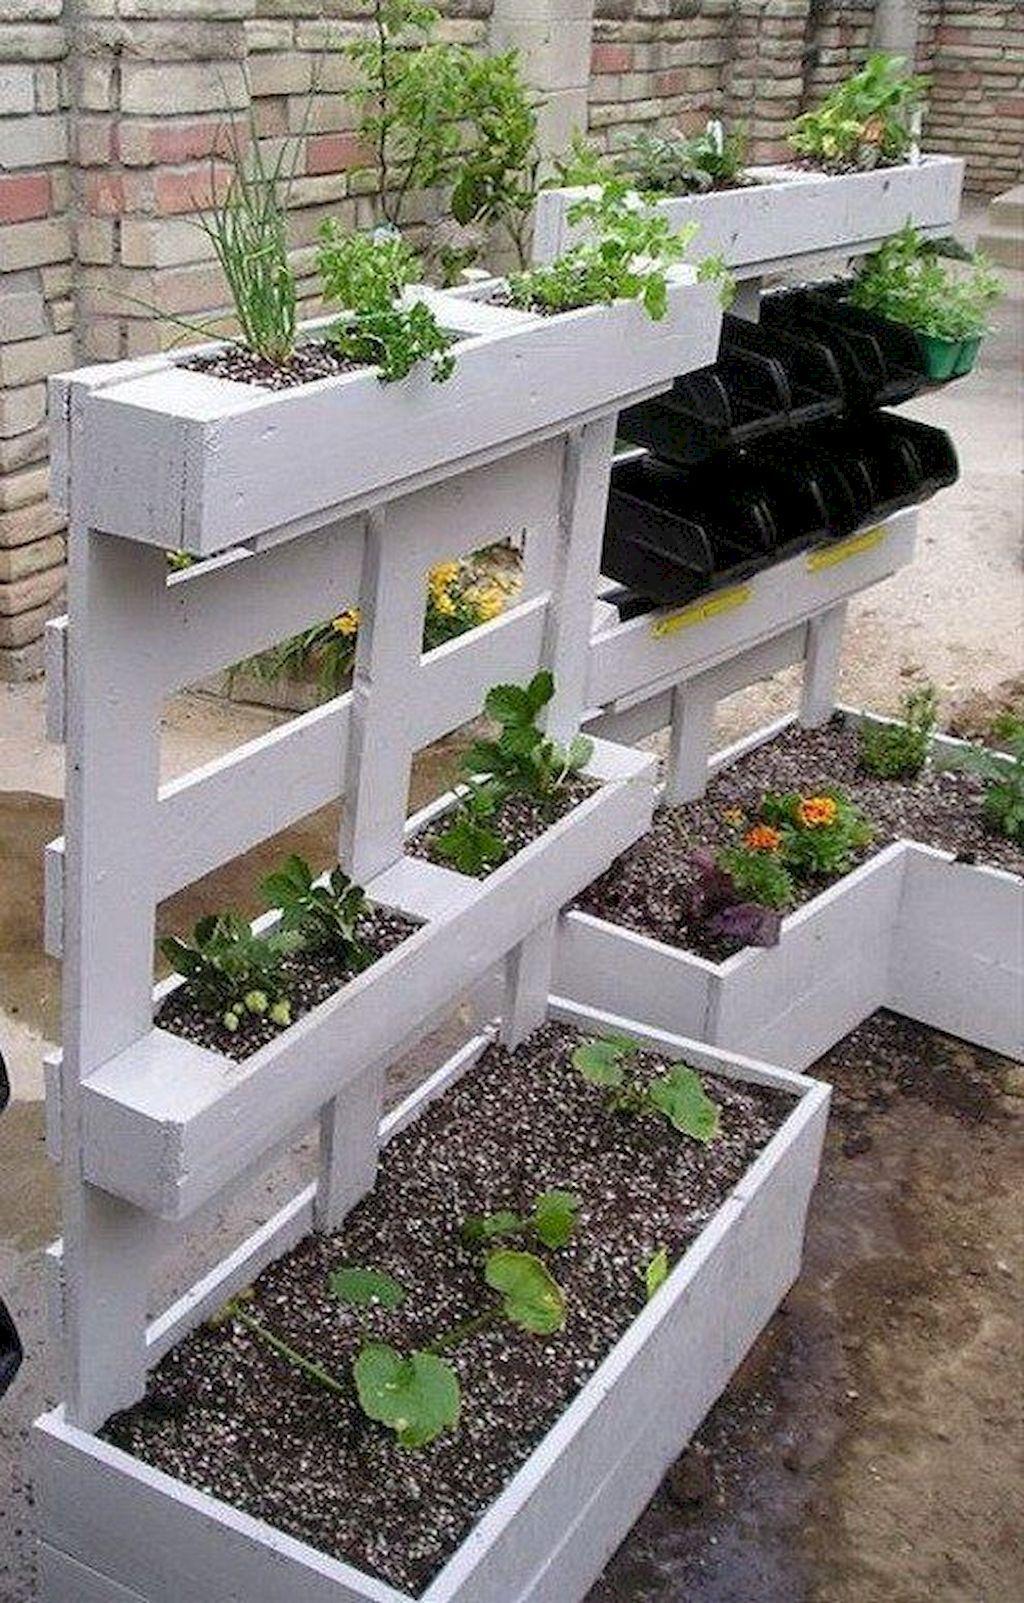 55 DIY Raised Garden Bed Plans & Ideas You Can Build - HomeSpecially #diyraisedgardenbeds